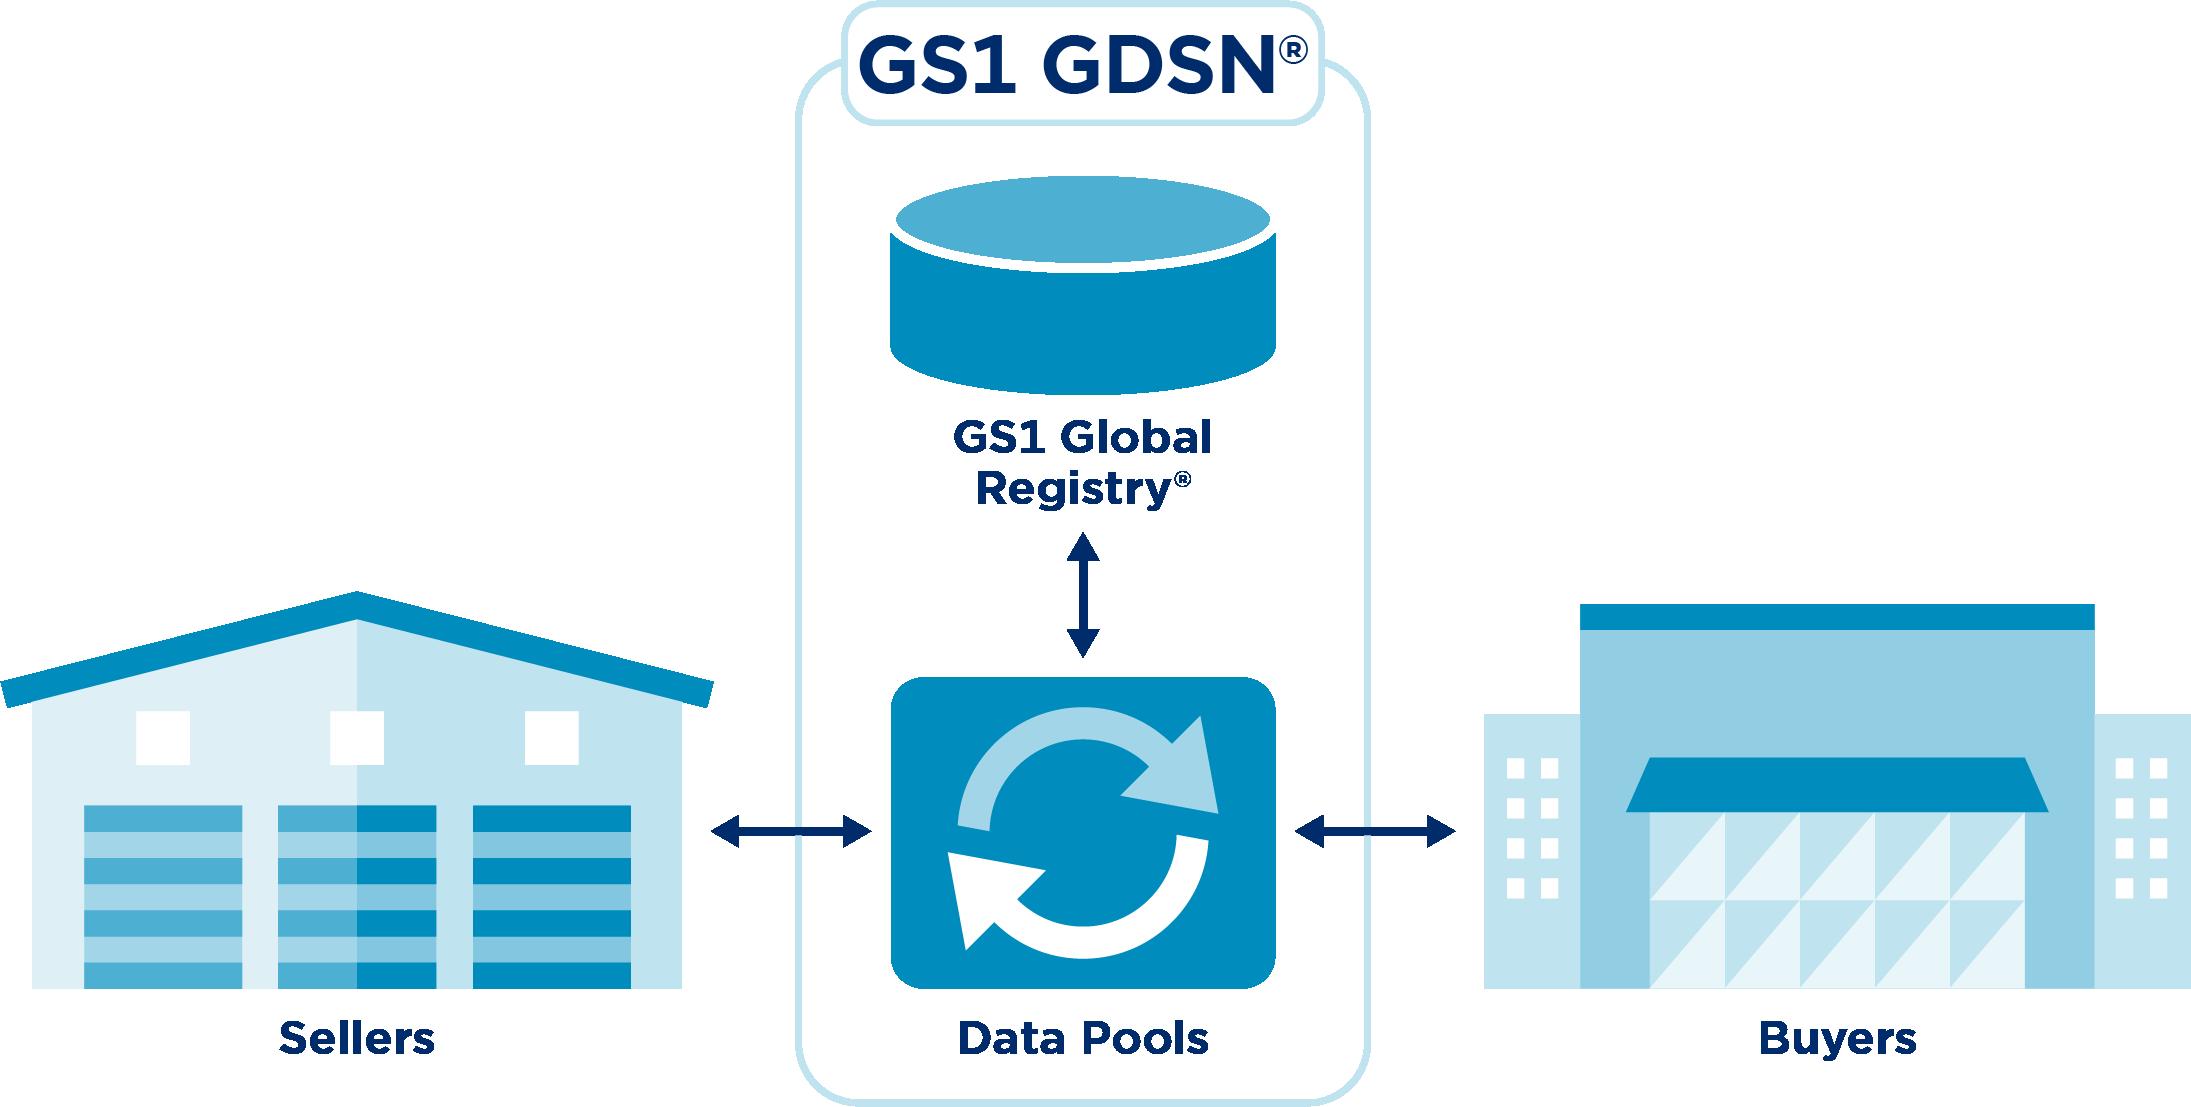 GS1 GDSN Schema Simple